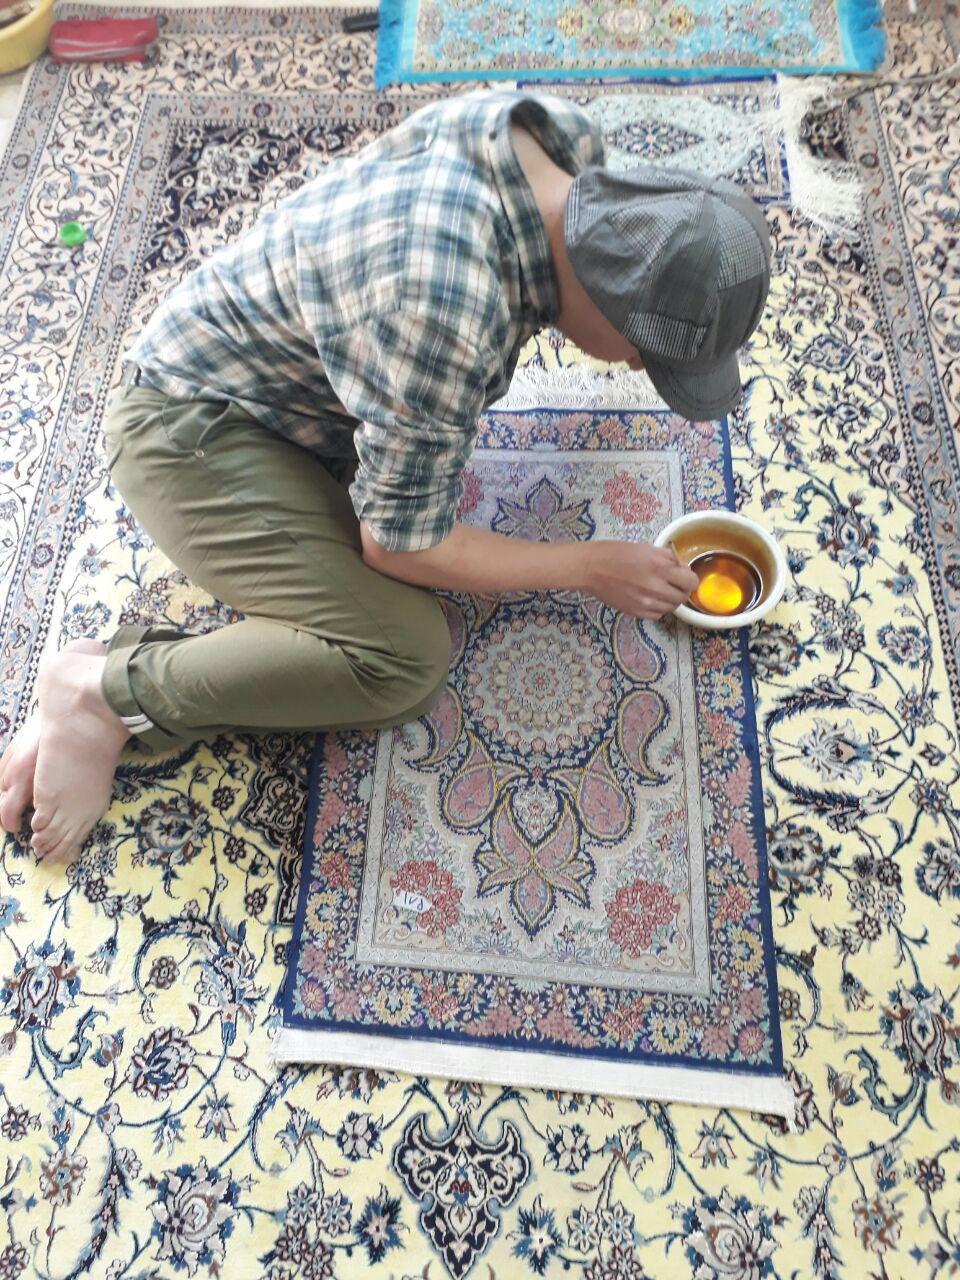 رنگ برداری فرش دستباف یکی از شغل های مرتبط با عملیات تکمیلی فرش